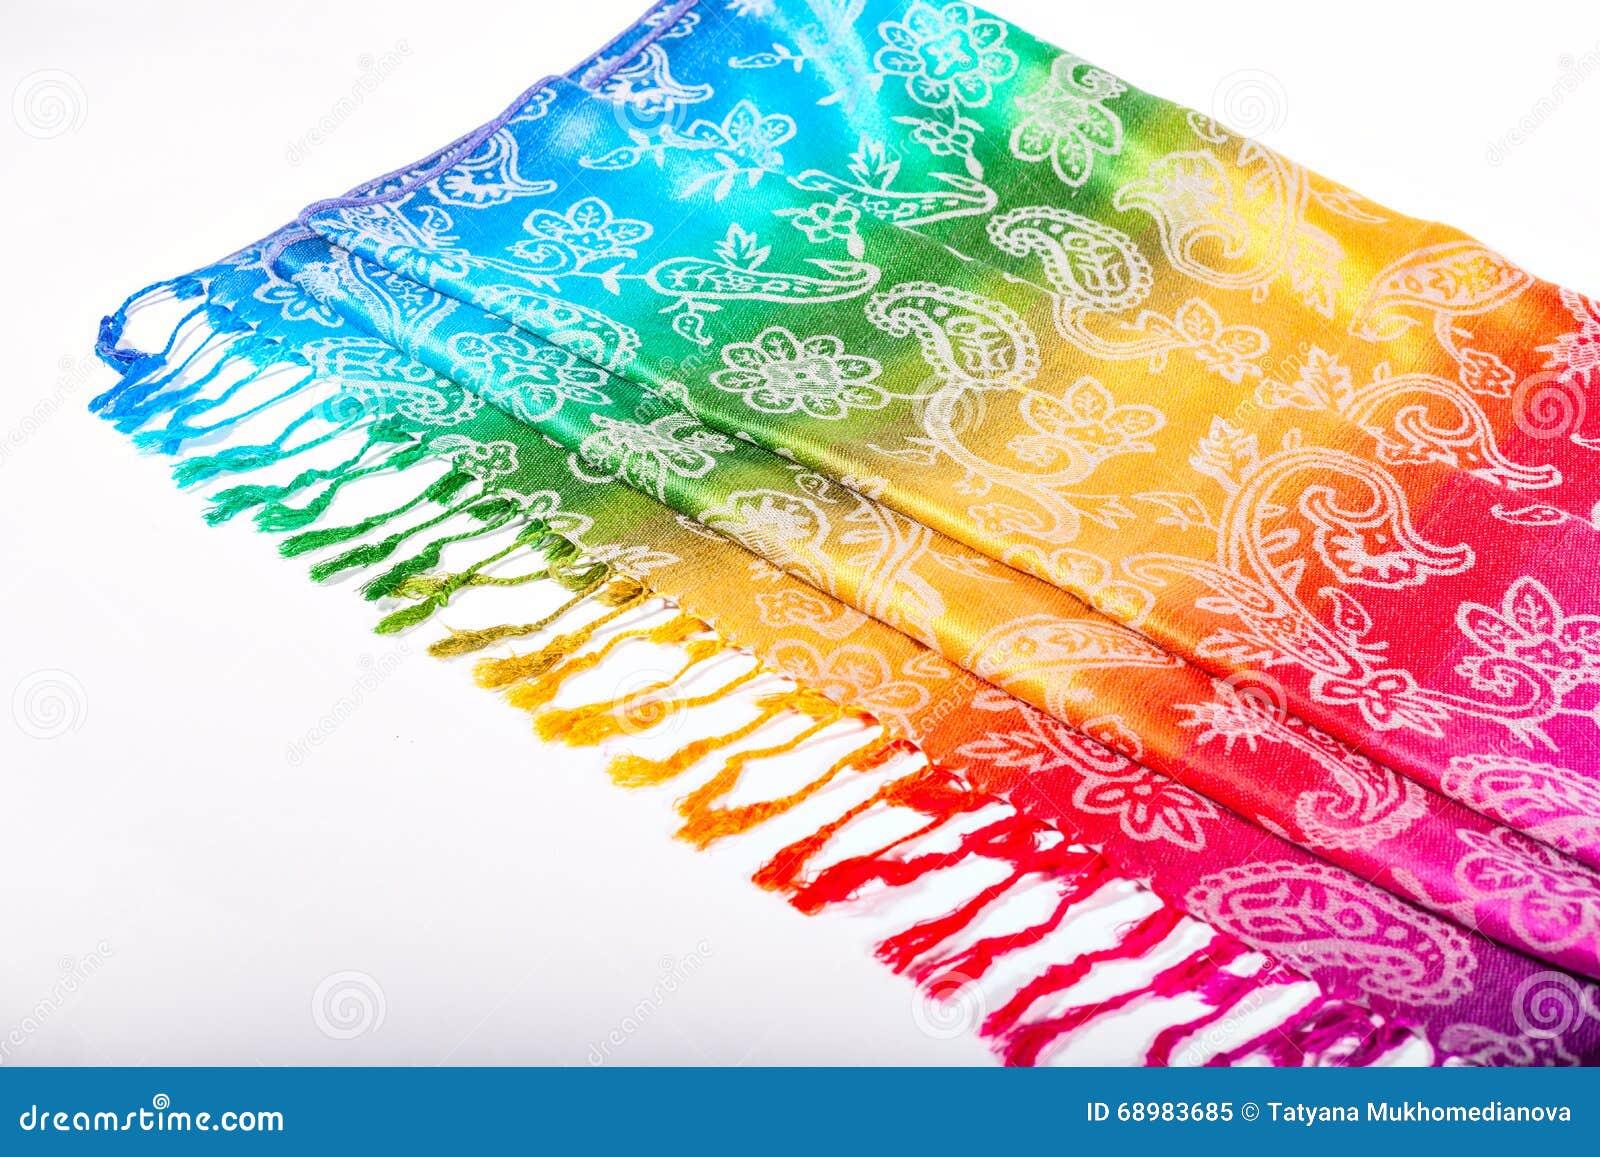 Los colores del arco iris congriegan en tela india como fondo